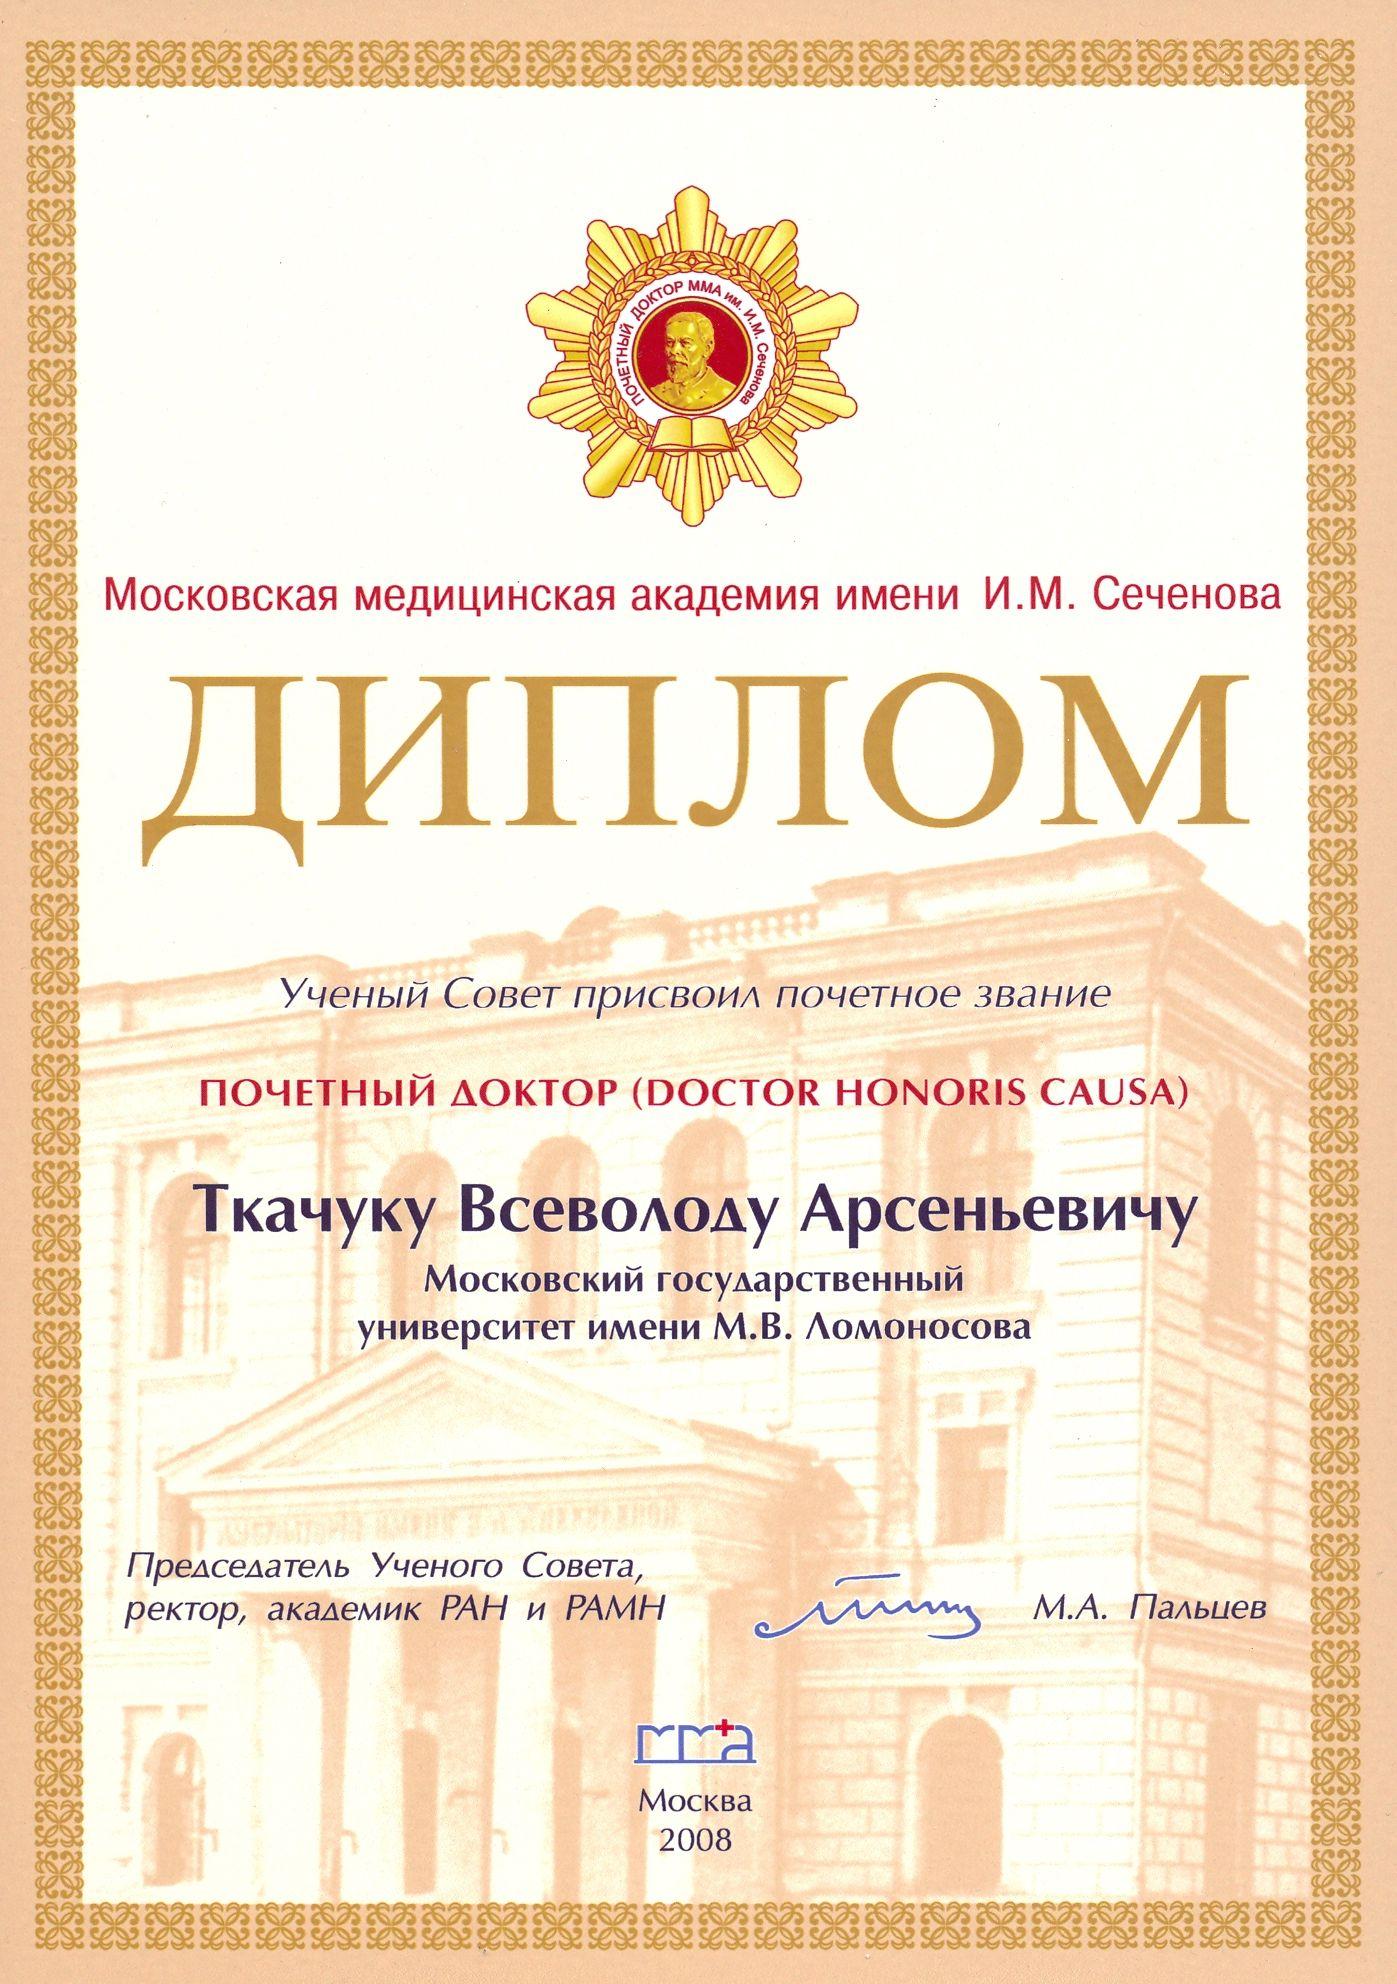 Факультет фундаментальной медицины МГУ 1